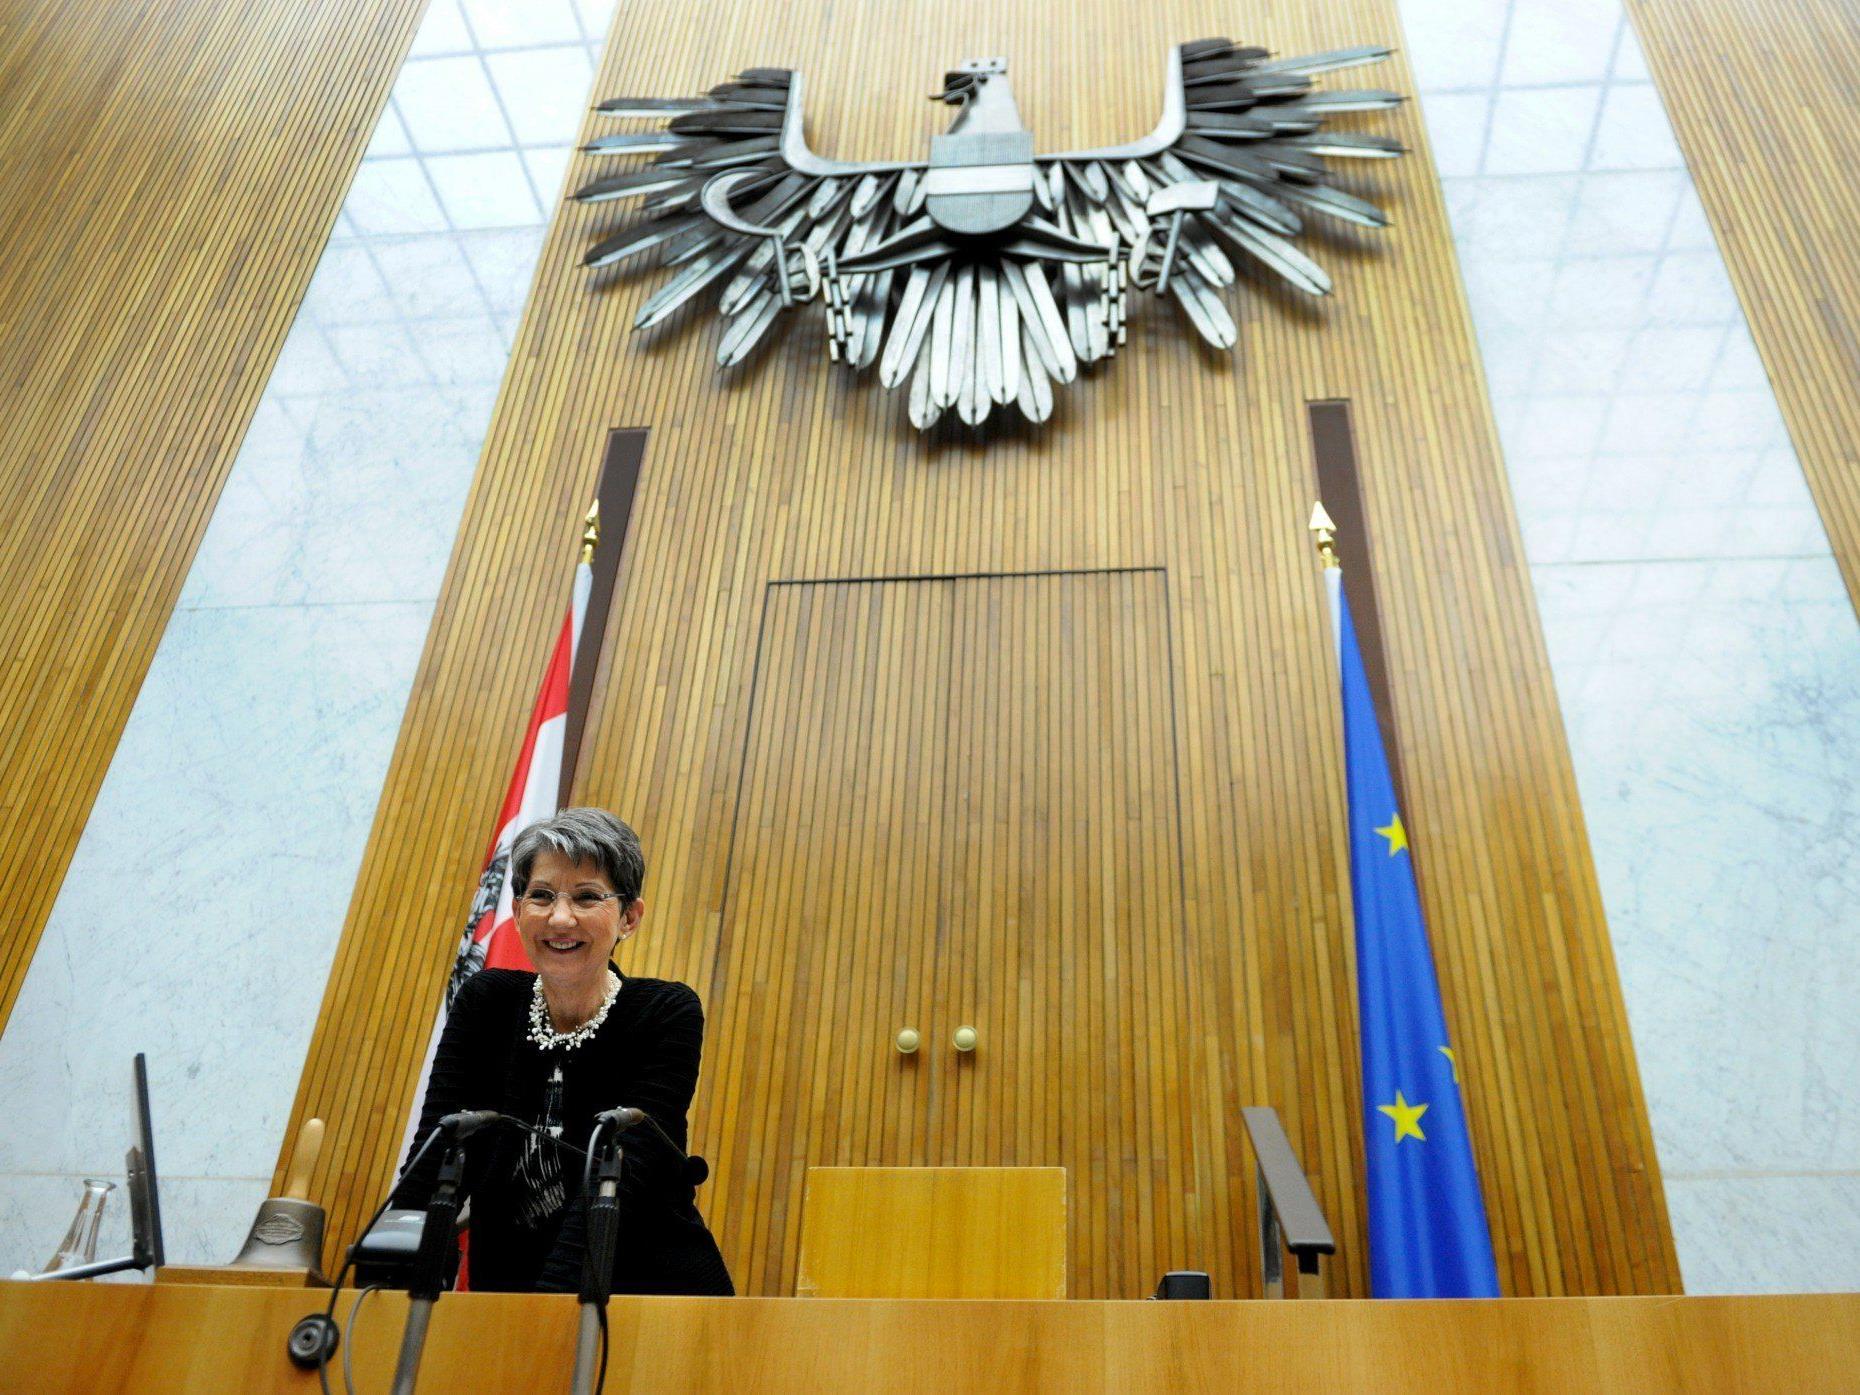 Prammer: Bundestag abschaffen, Aufgaben auf Landtage übertragen.